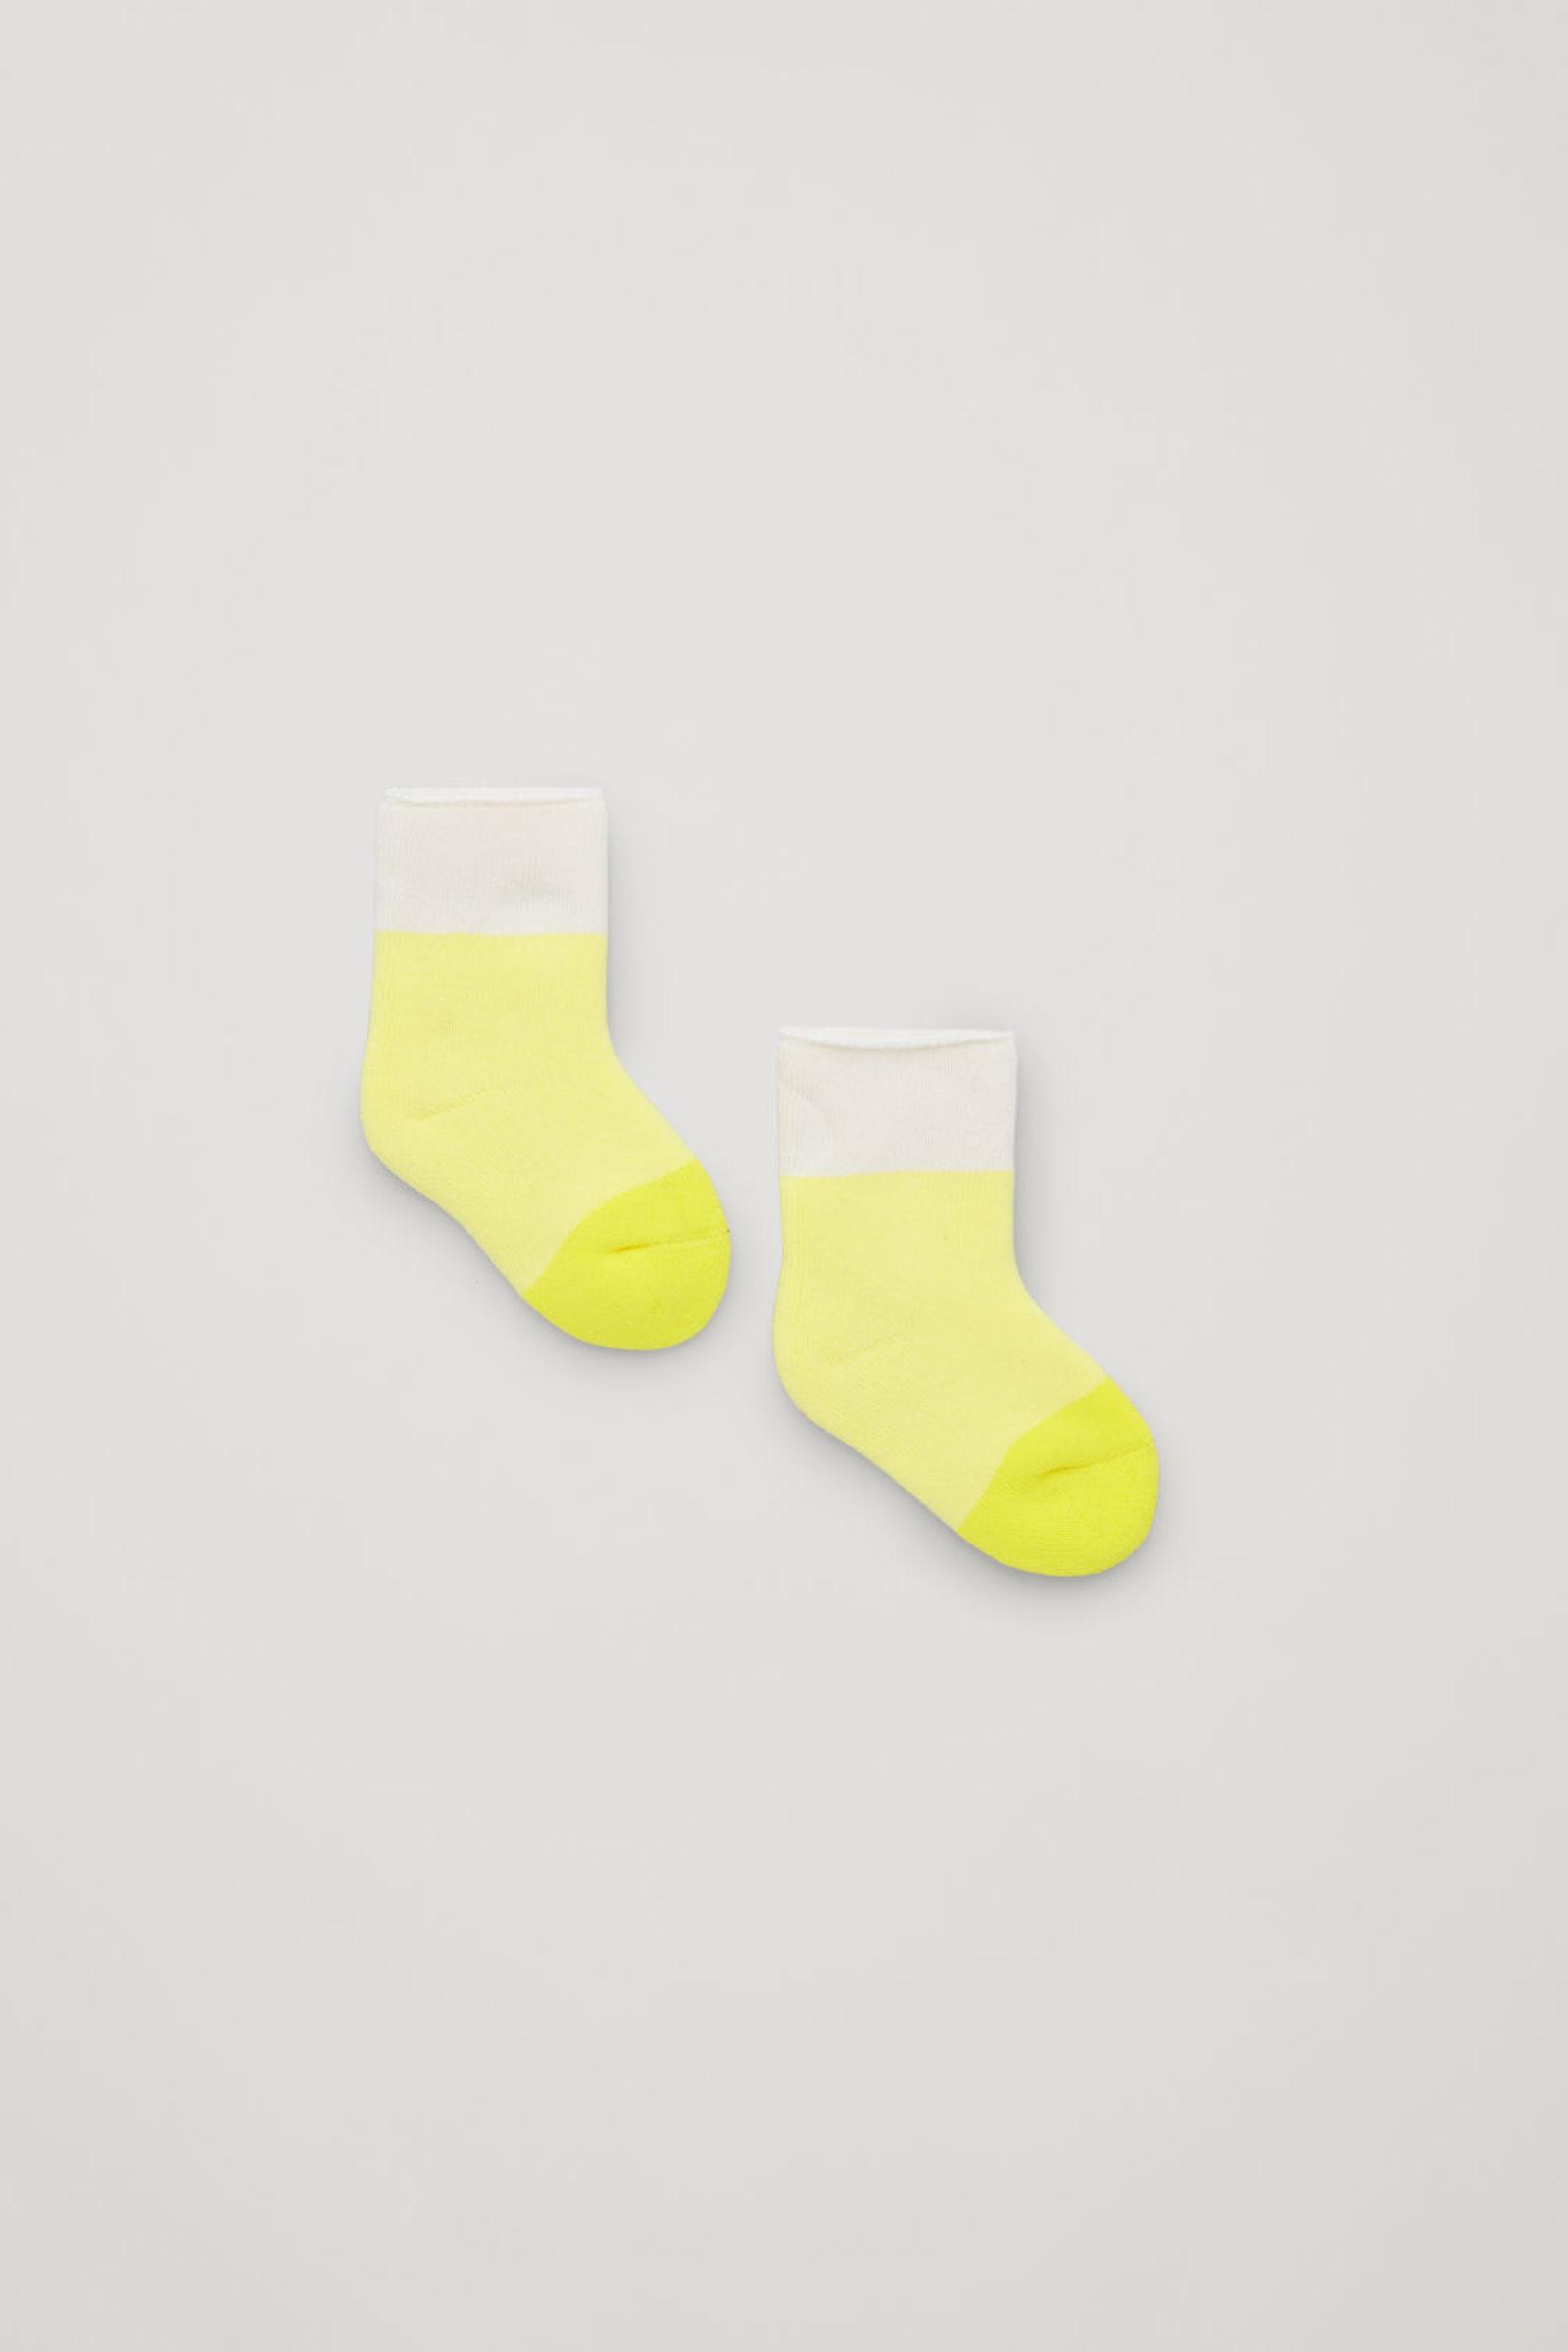 COS 컬러 블록 오가닉 코튼 삭스의 브라이트 옐로우 / 크림컬러 Product입니다.